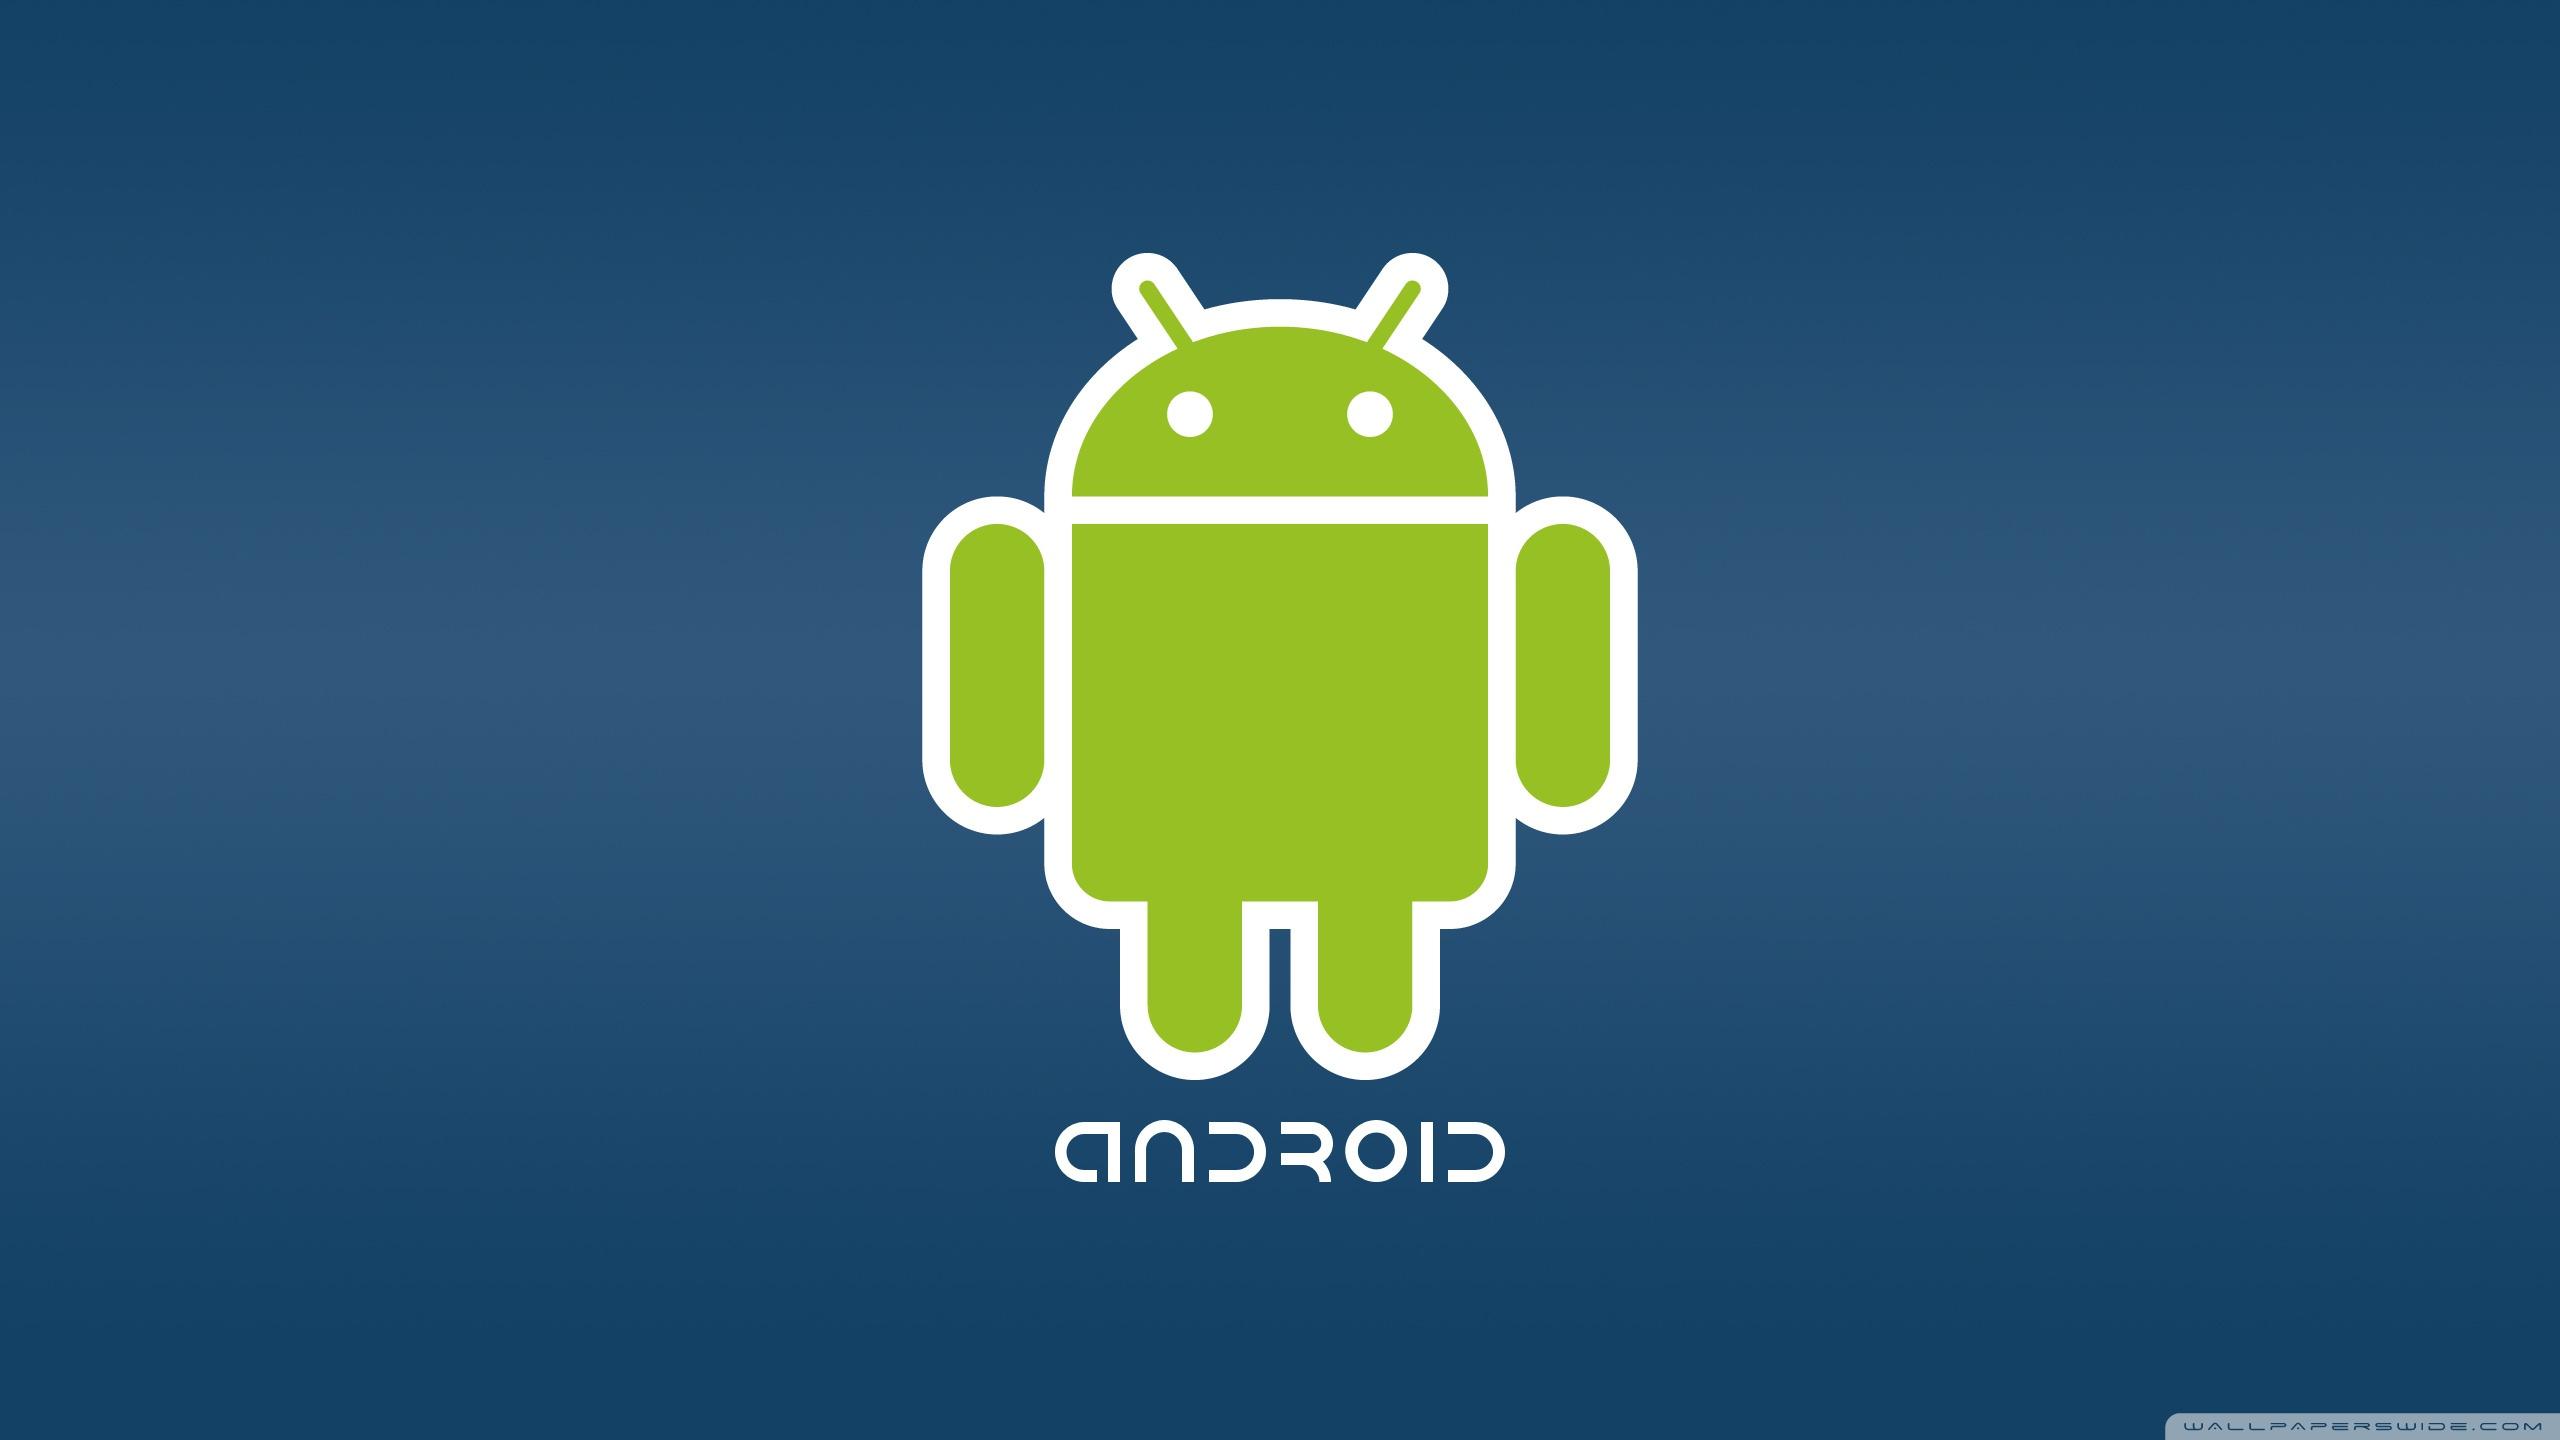 android logo ❤ uhd desktop wallpaper for ultra hd 4k 8k • mobile